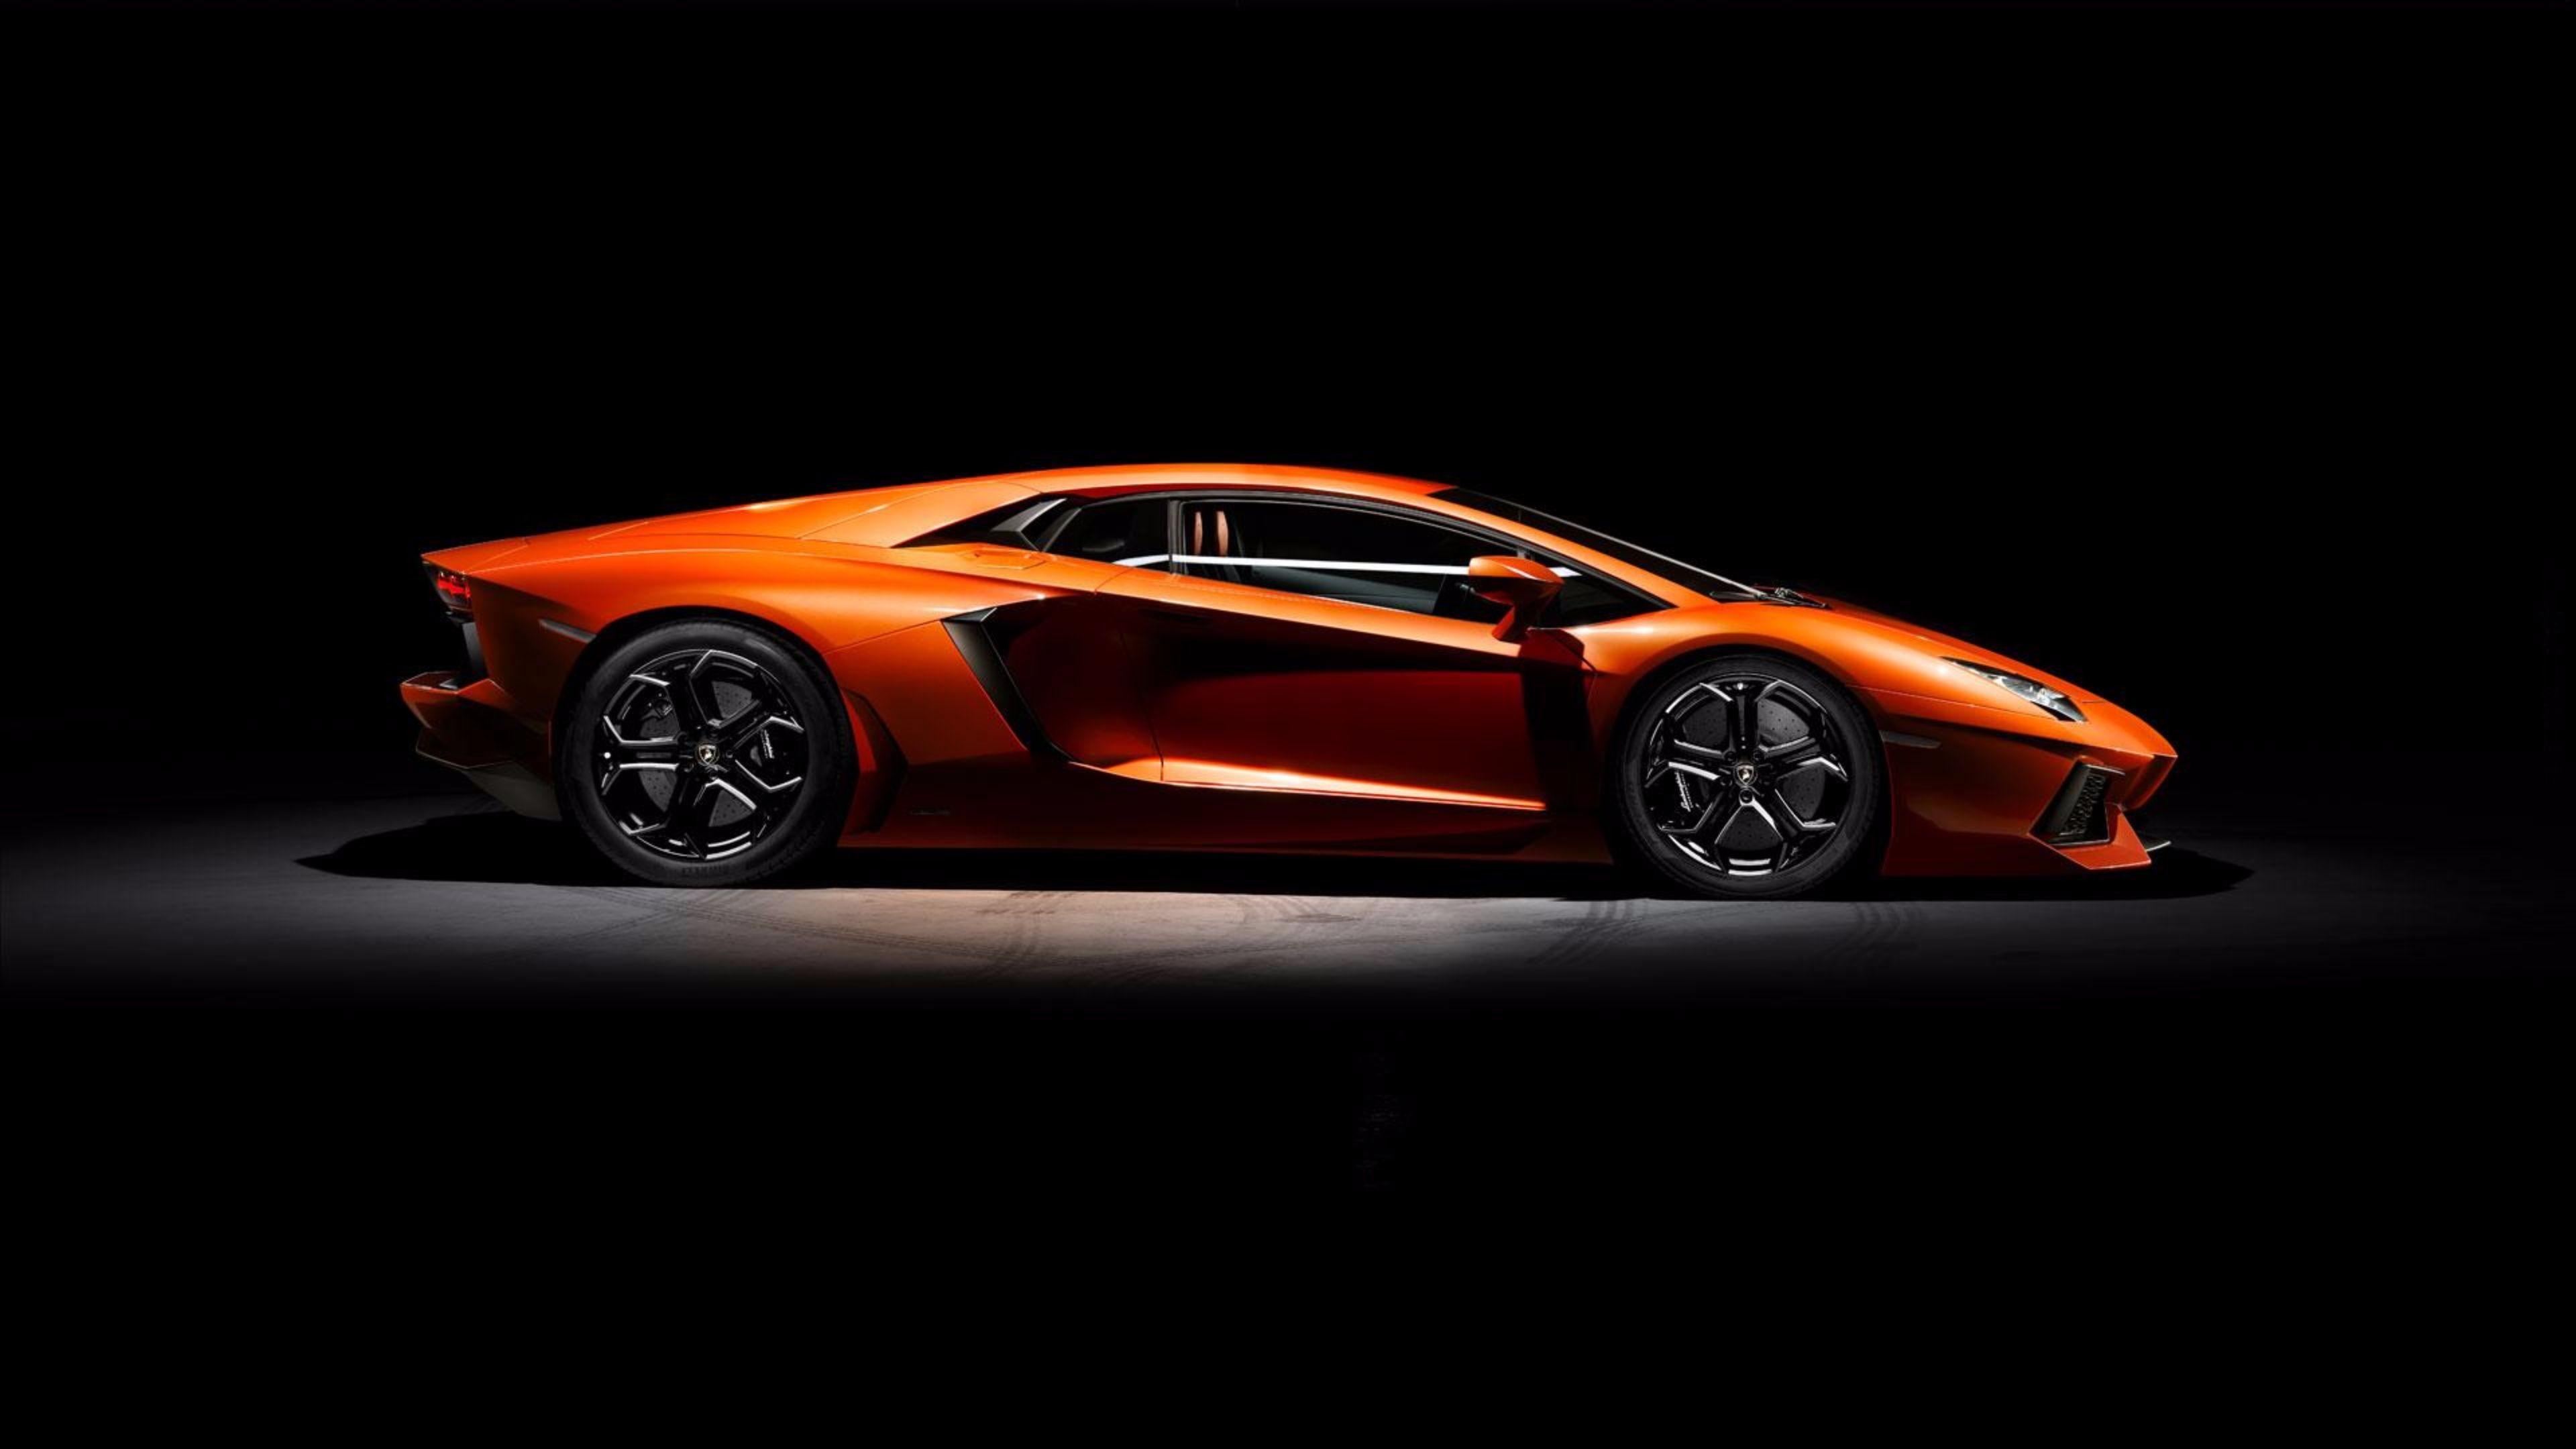 Res: 3840x2160, Black and Orange Lamborghini 4K Wallpapers